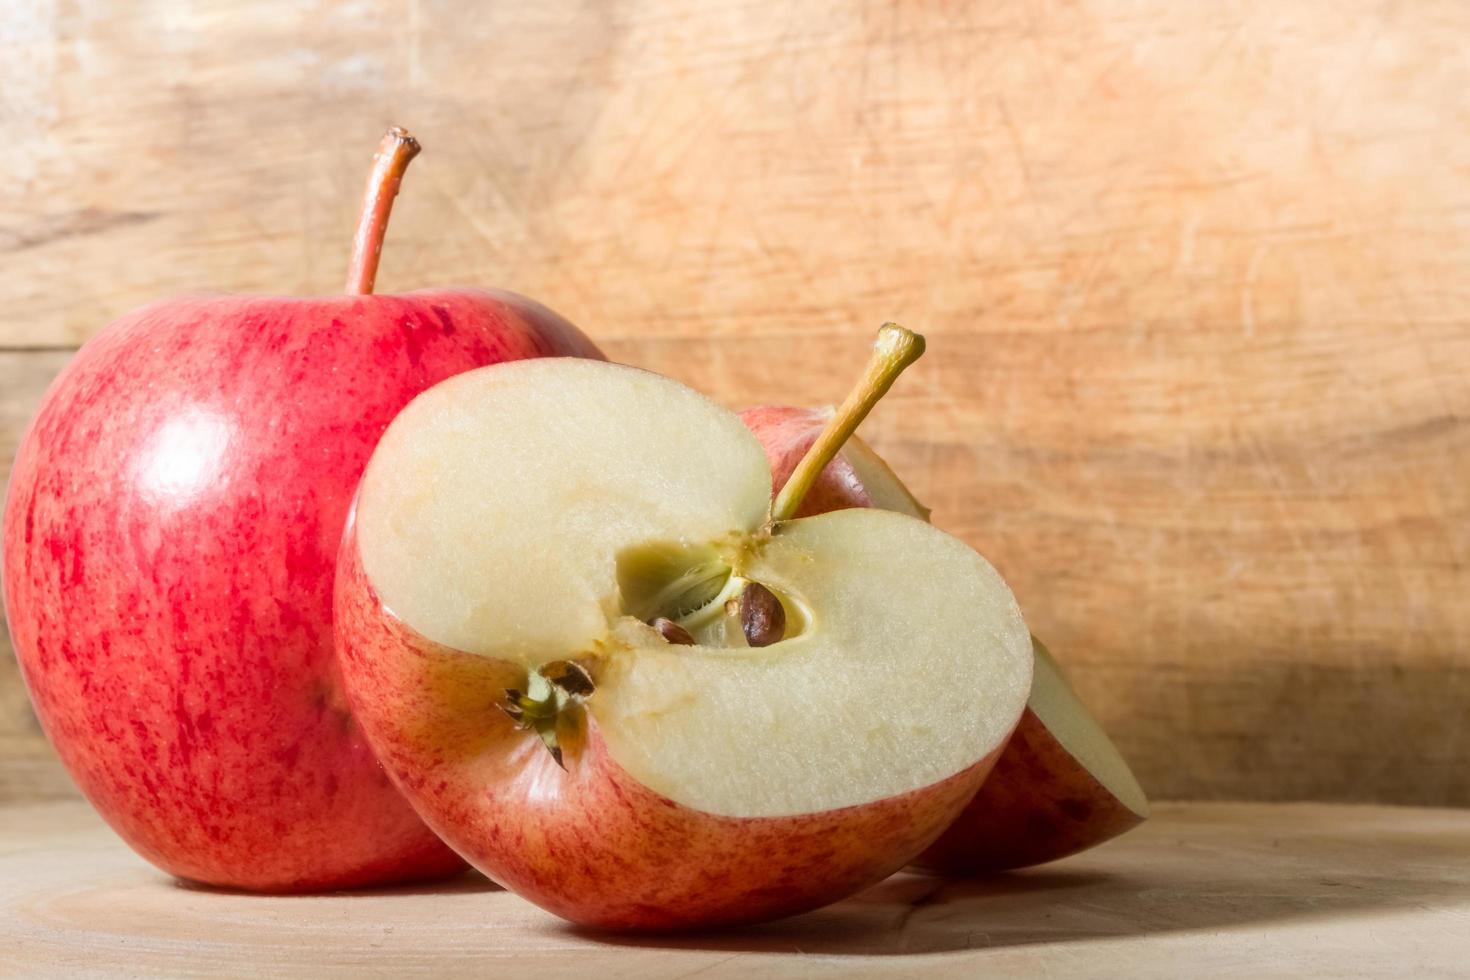 Äpfel auf Holzboden. foto